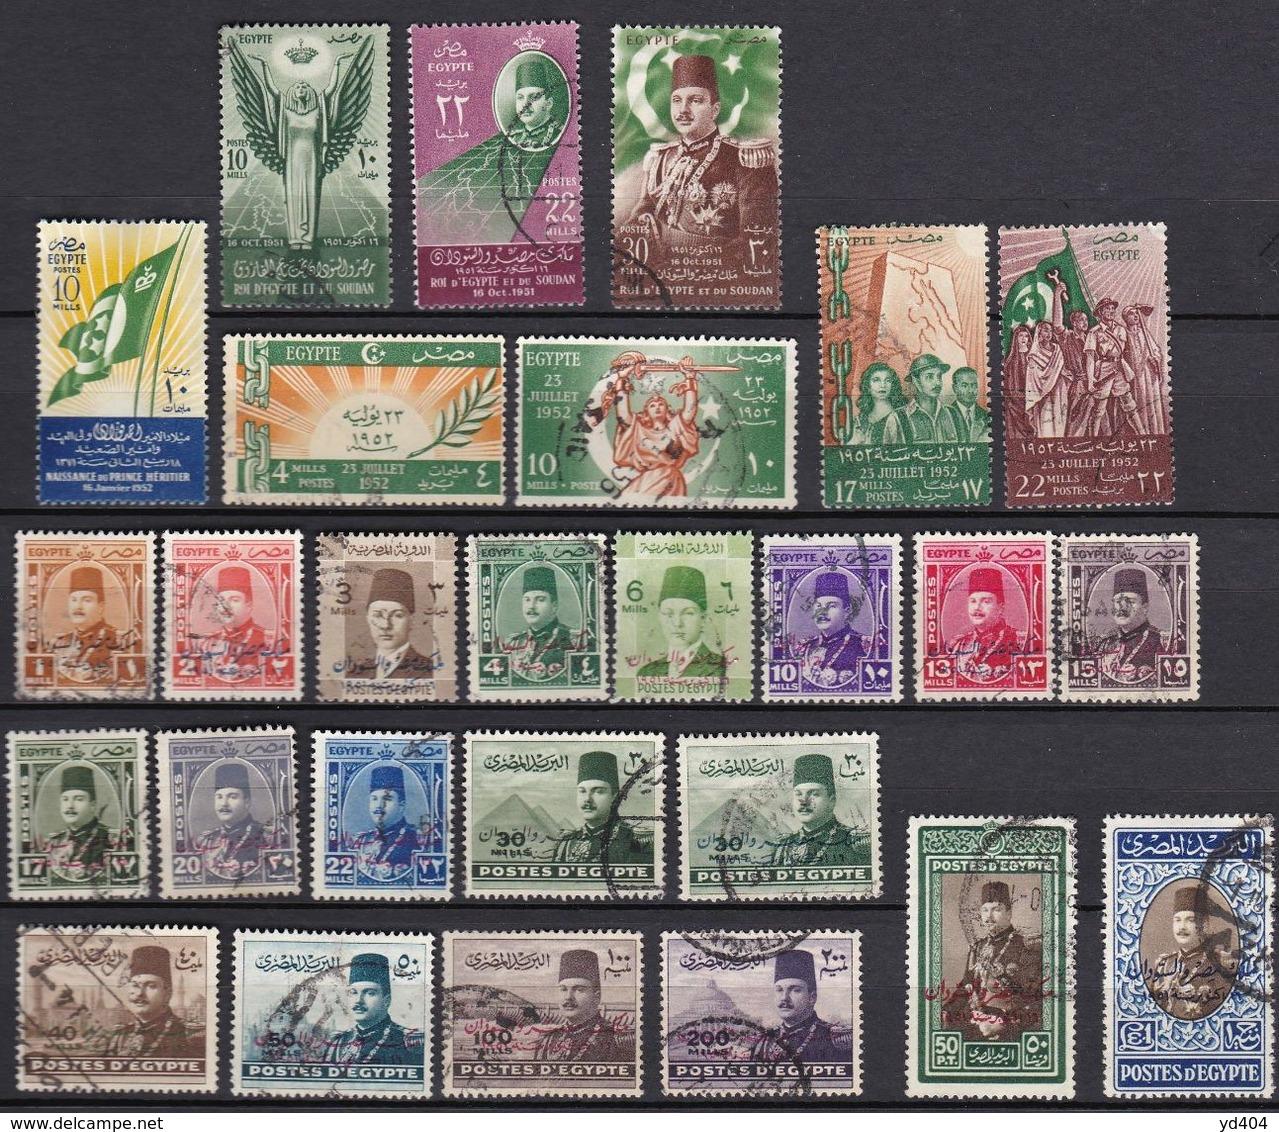 EG094 – EGYPTE – EGYPT – 1952 – FULL YEAR SET – Y&T # 285/310 USED 27 € - Oblitérés